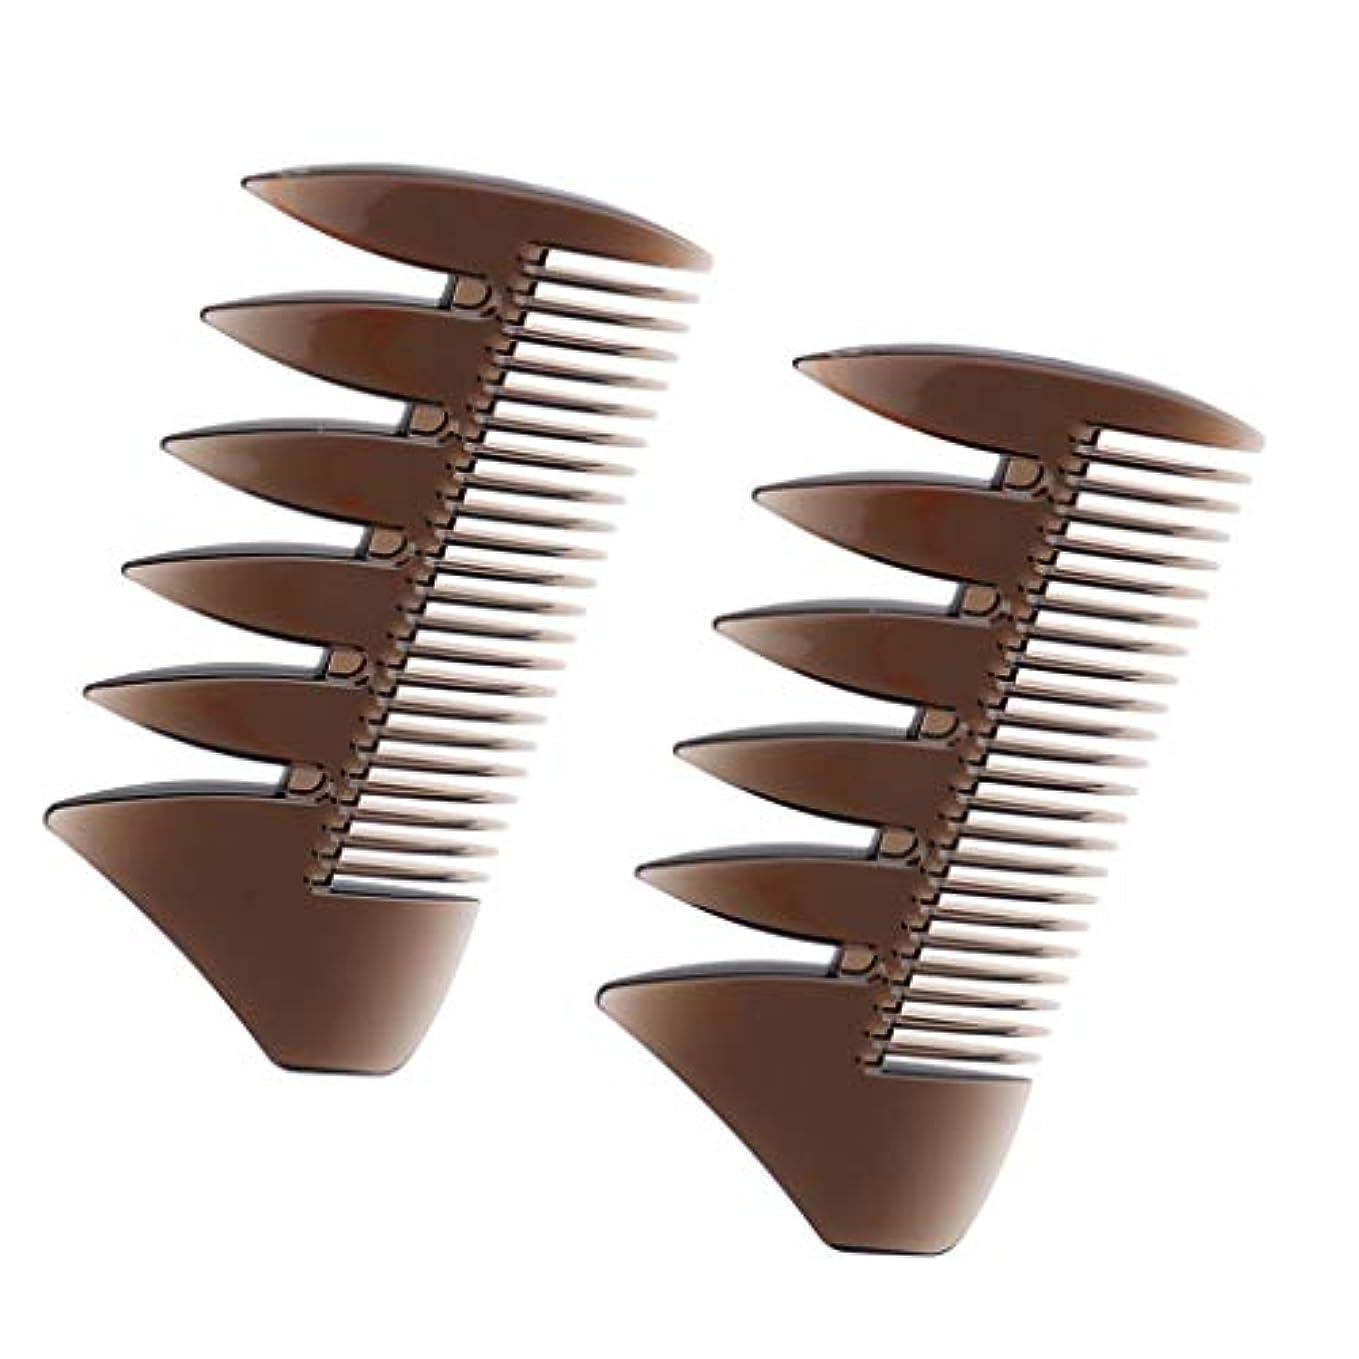 保険いいね染色ヘアコンビ デュアルサイド メンズ 髪櫛 ヘアサロン ヘアスタイリング 散髪店/美容院専用櫛2個入